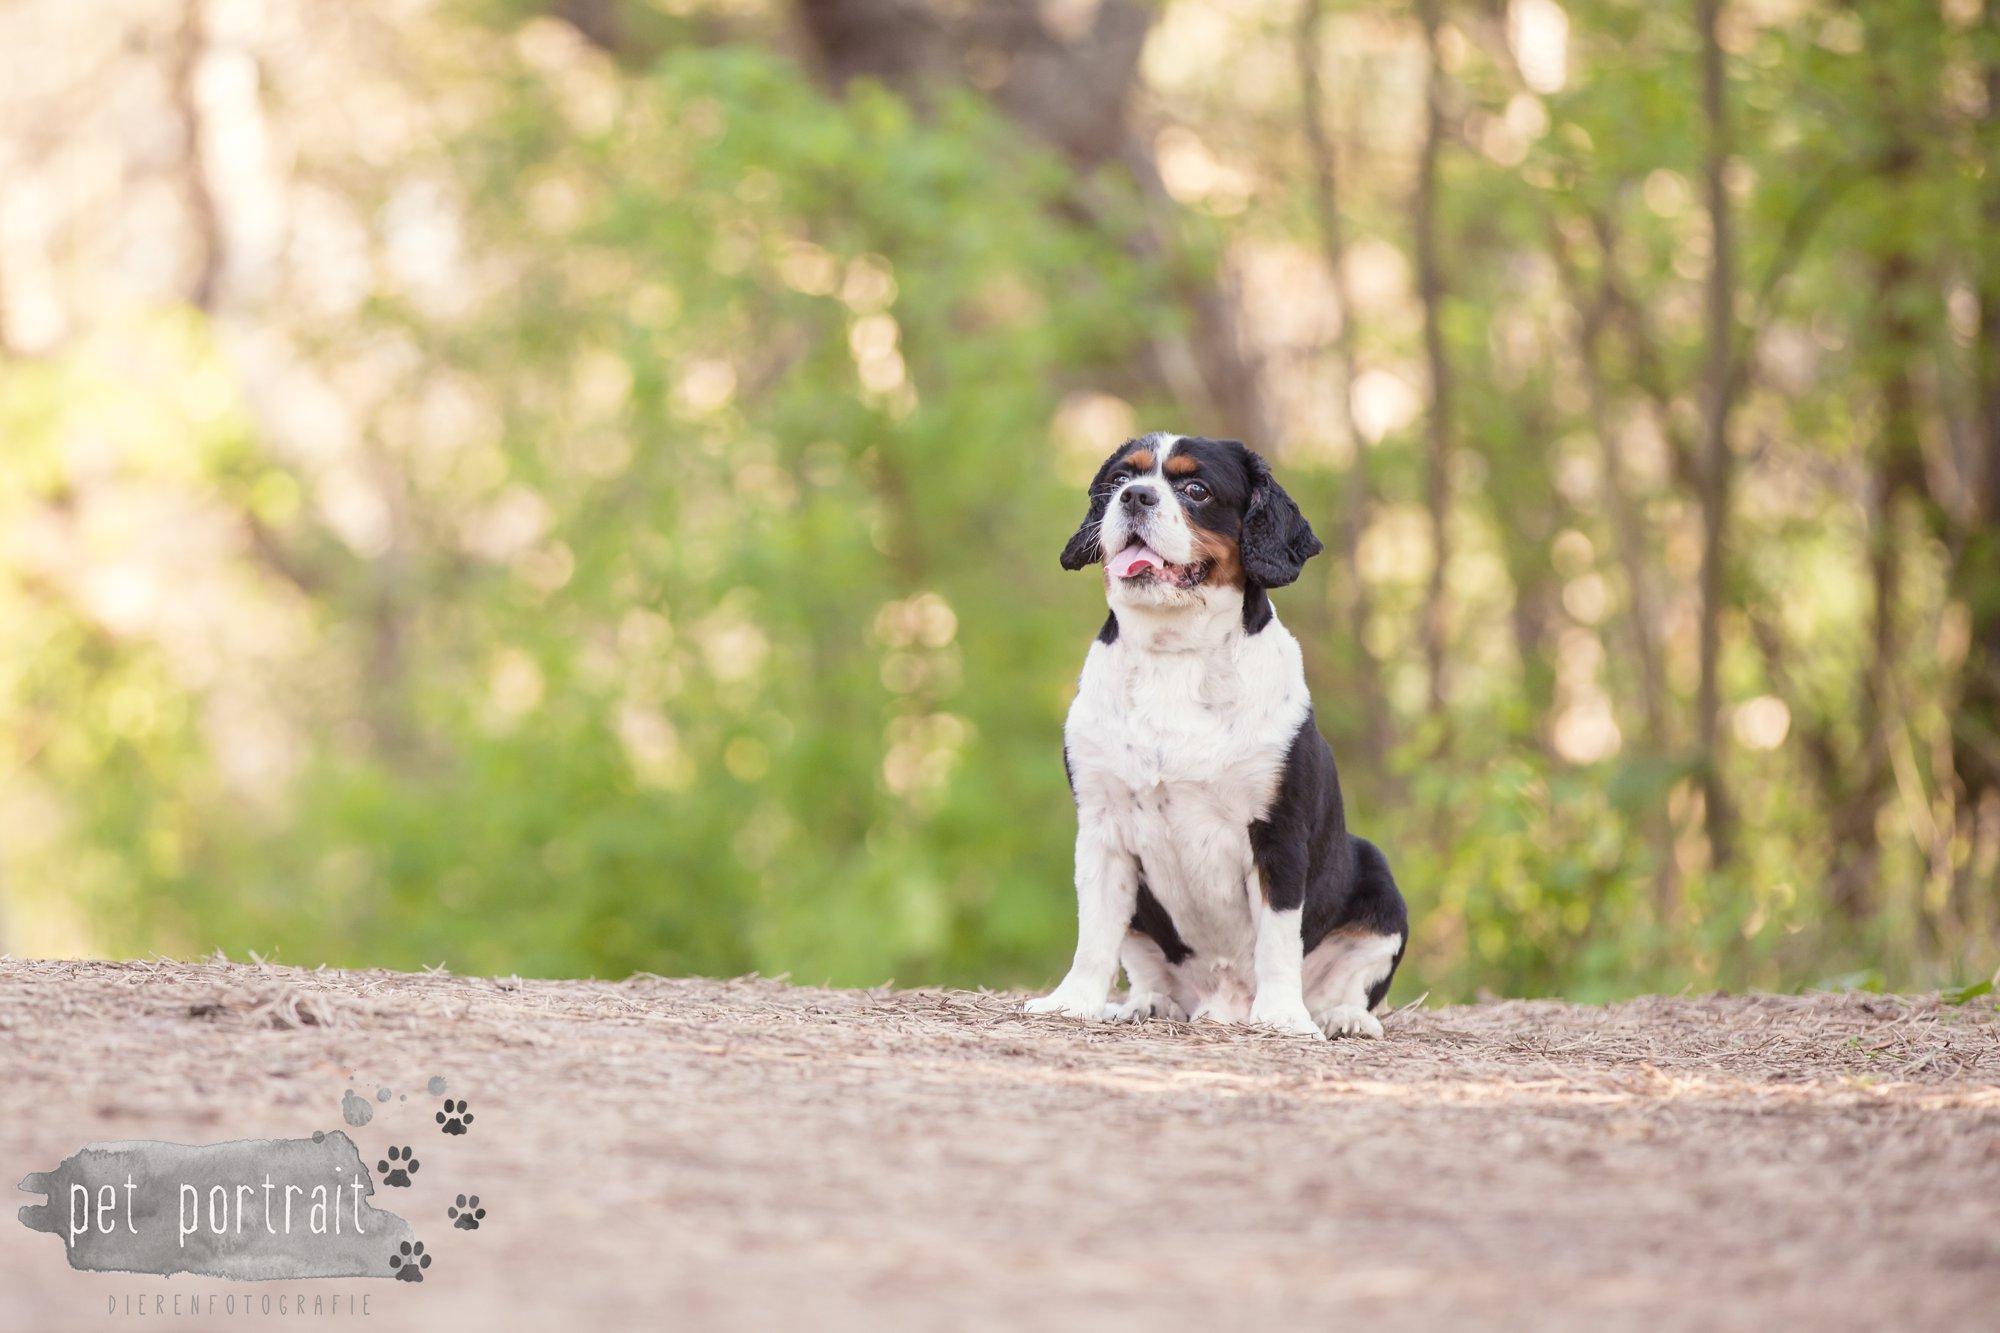 Hondenfotograaf Wassenaar - Cavalier King Charles Spaniel Pepper-3